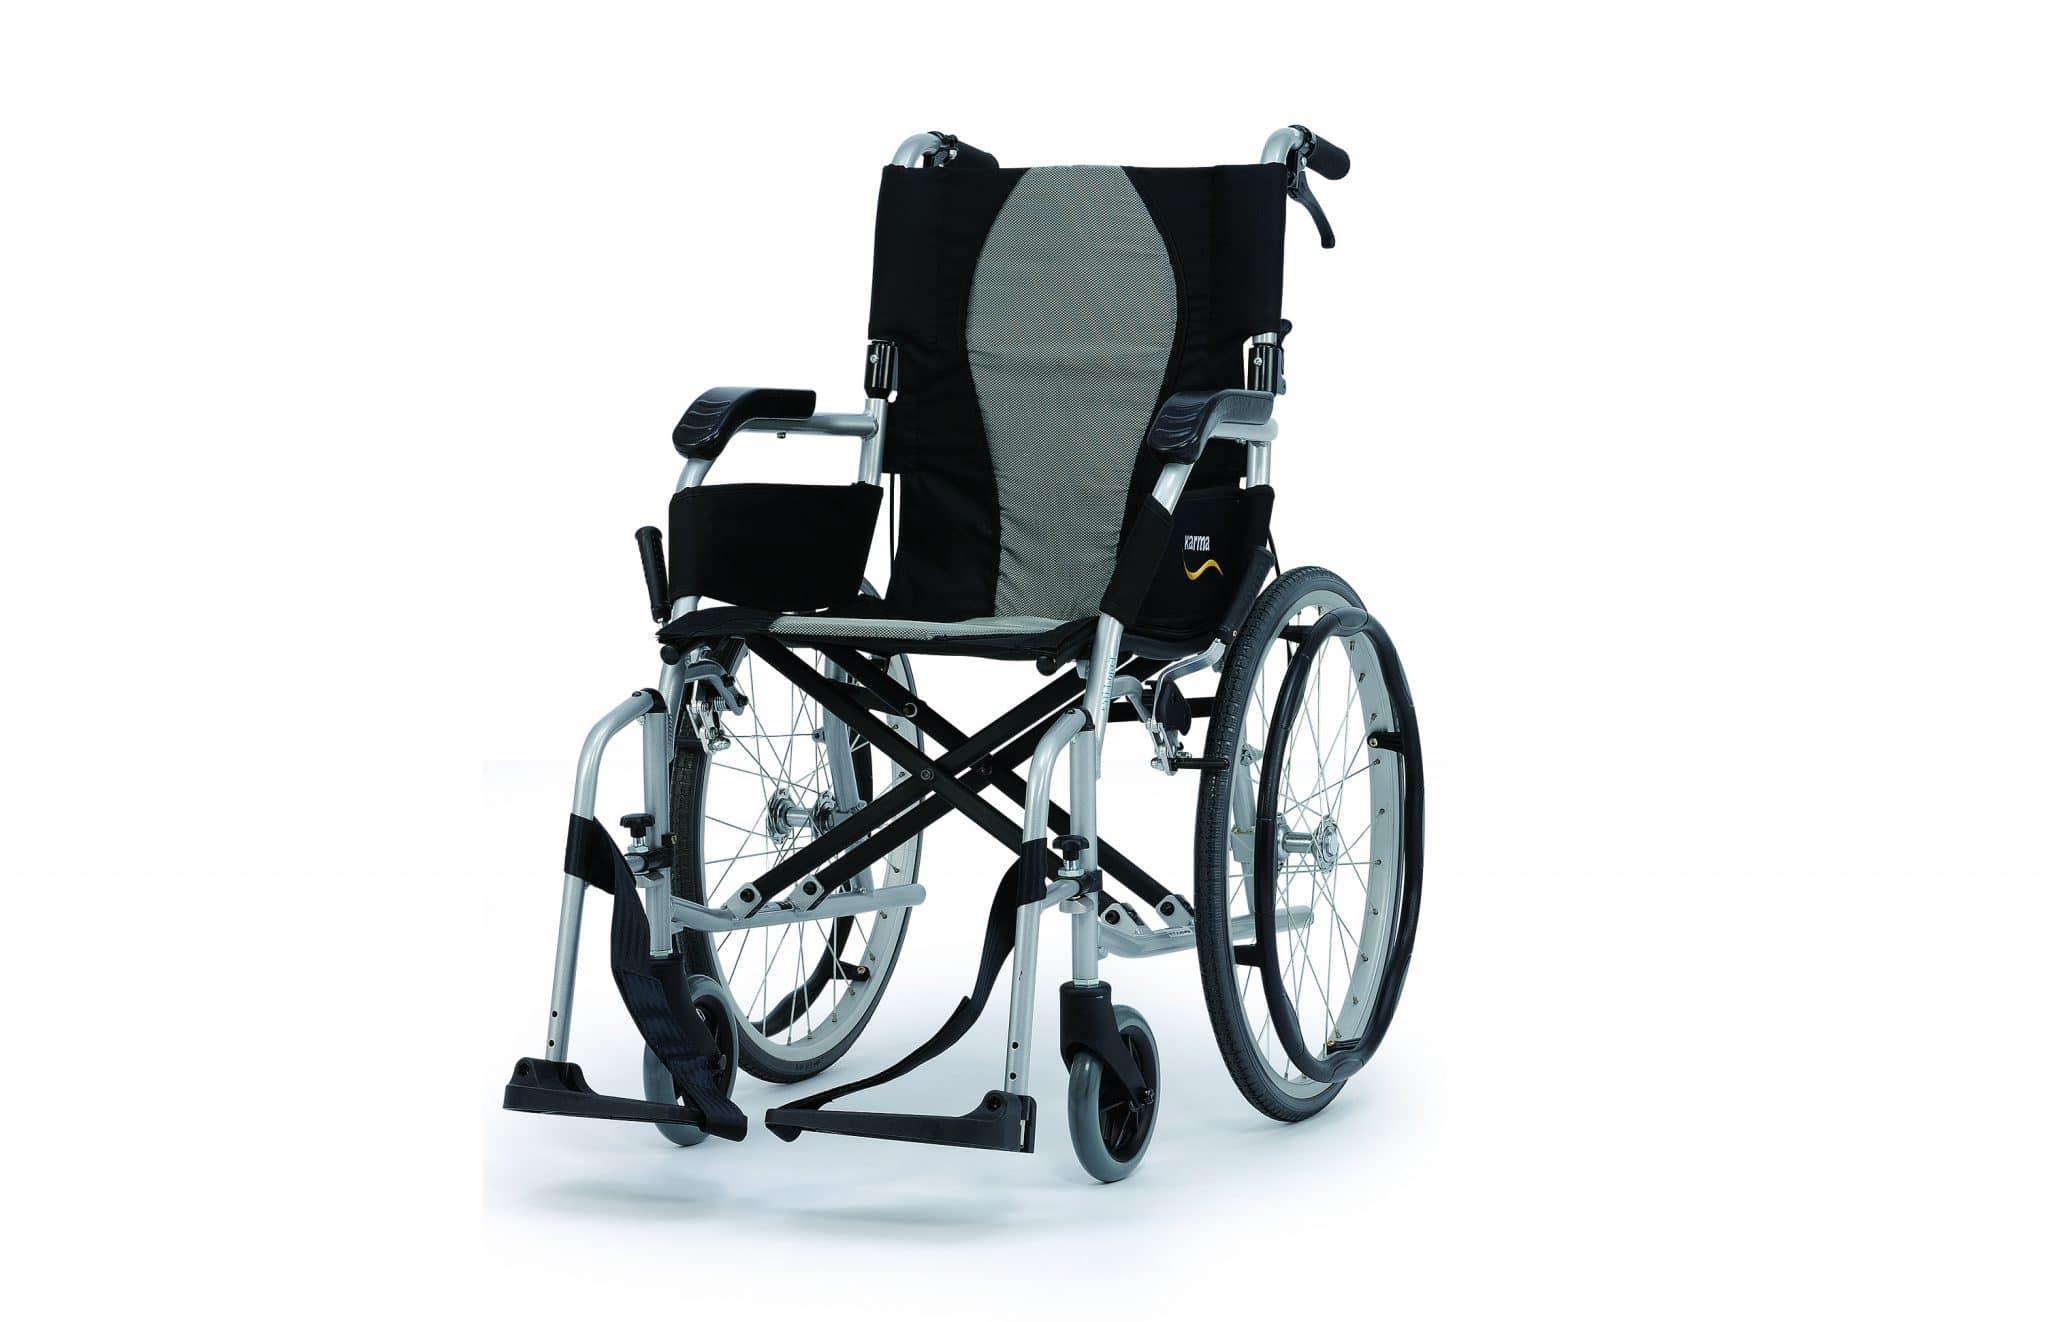 Cadeira de rodas manual, vista de perfil